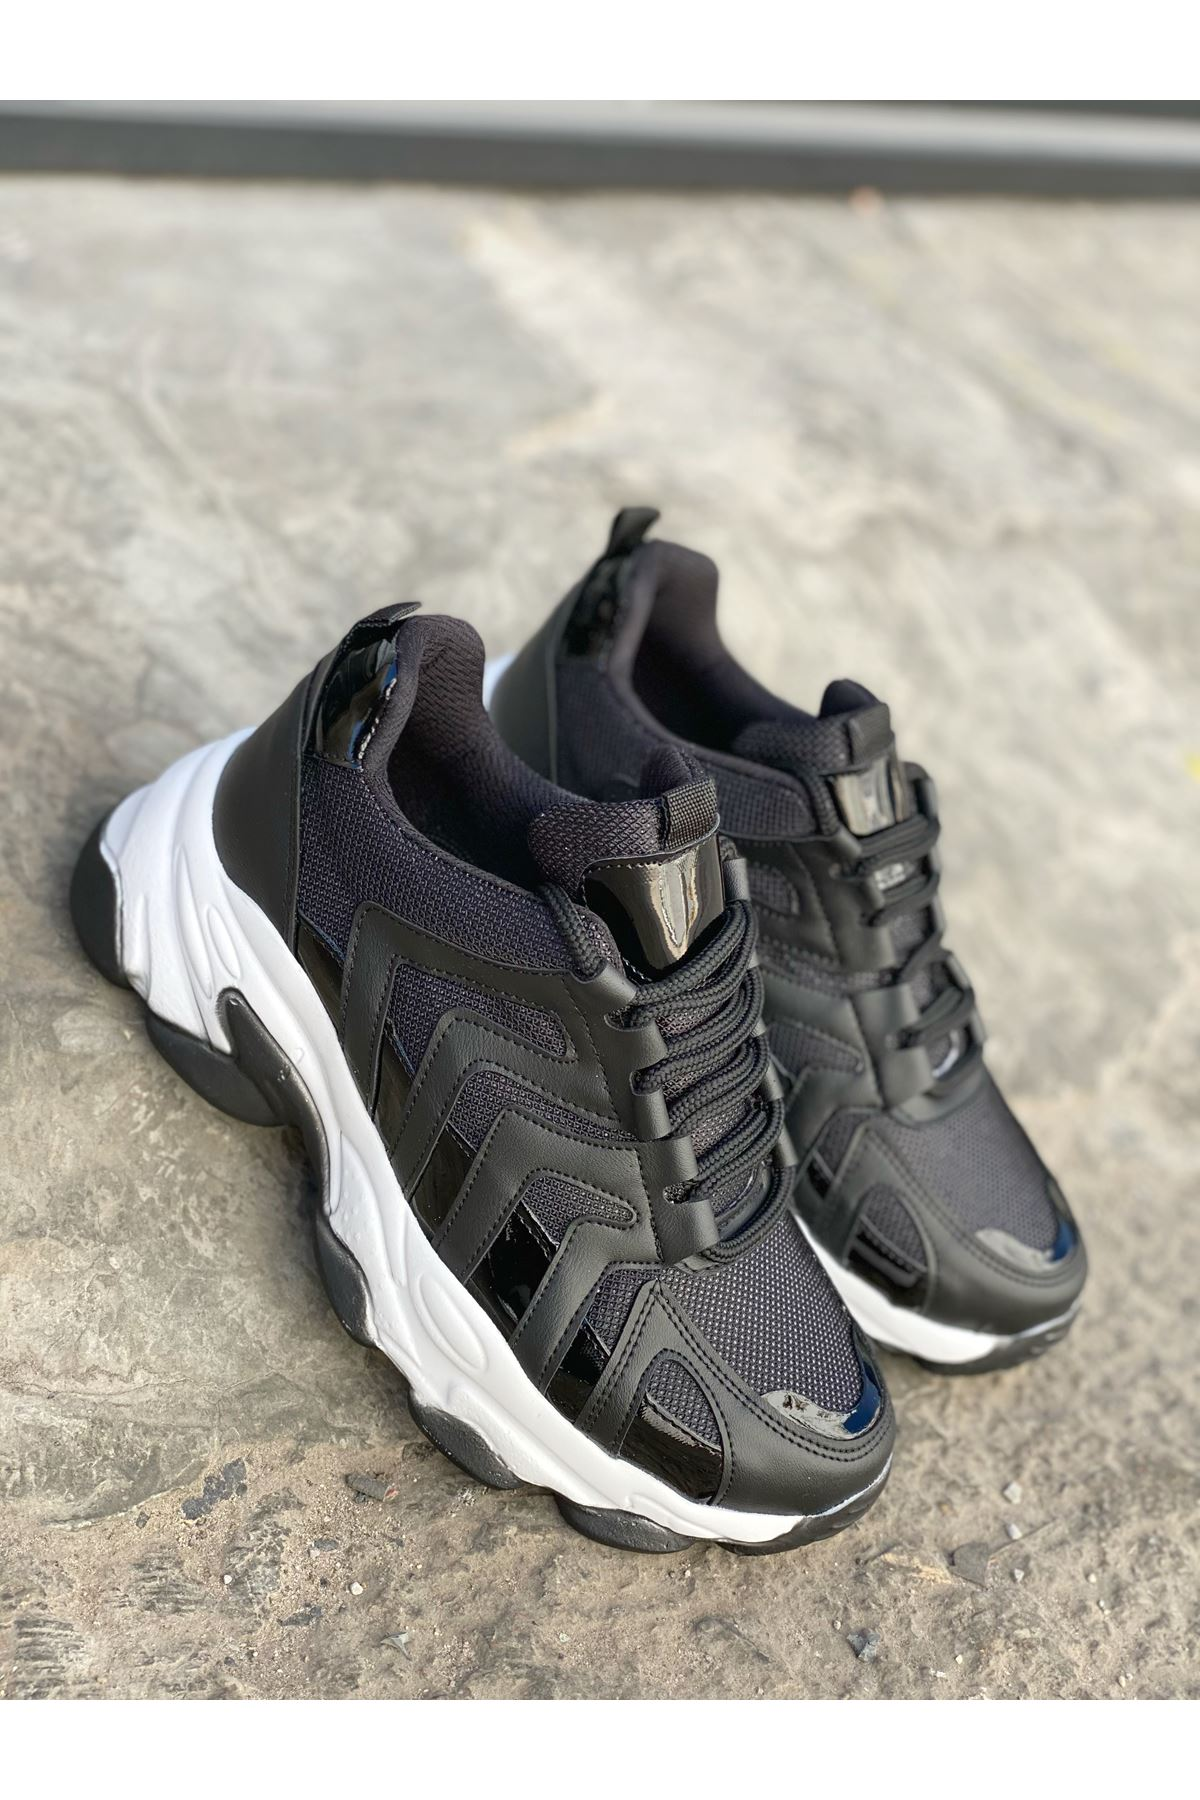 Kadın Sport Kalın Taban Düz siyah Spor Ayakkabı